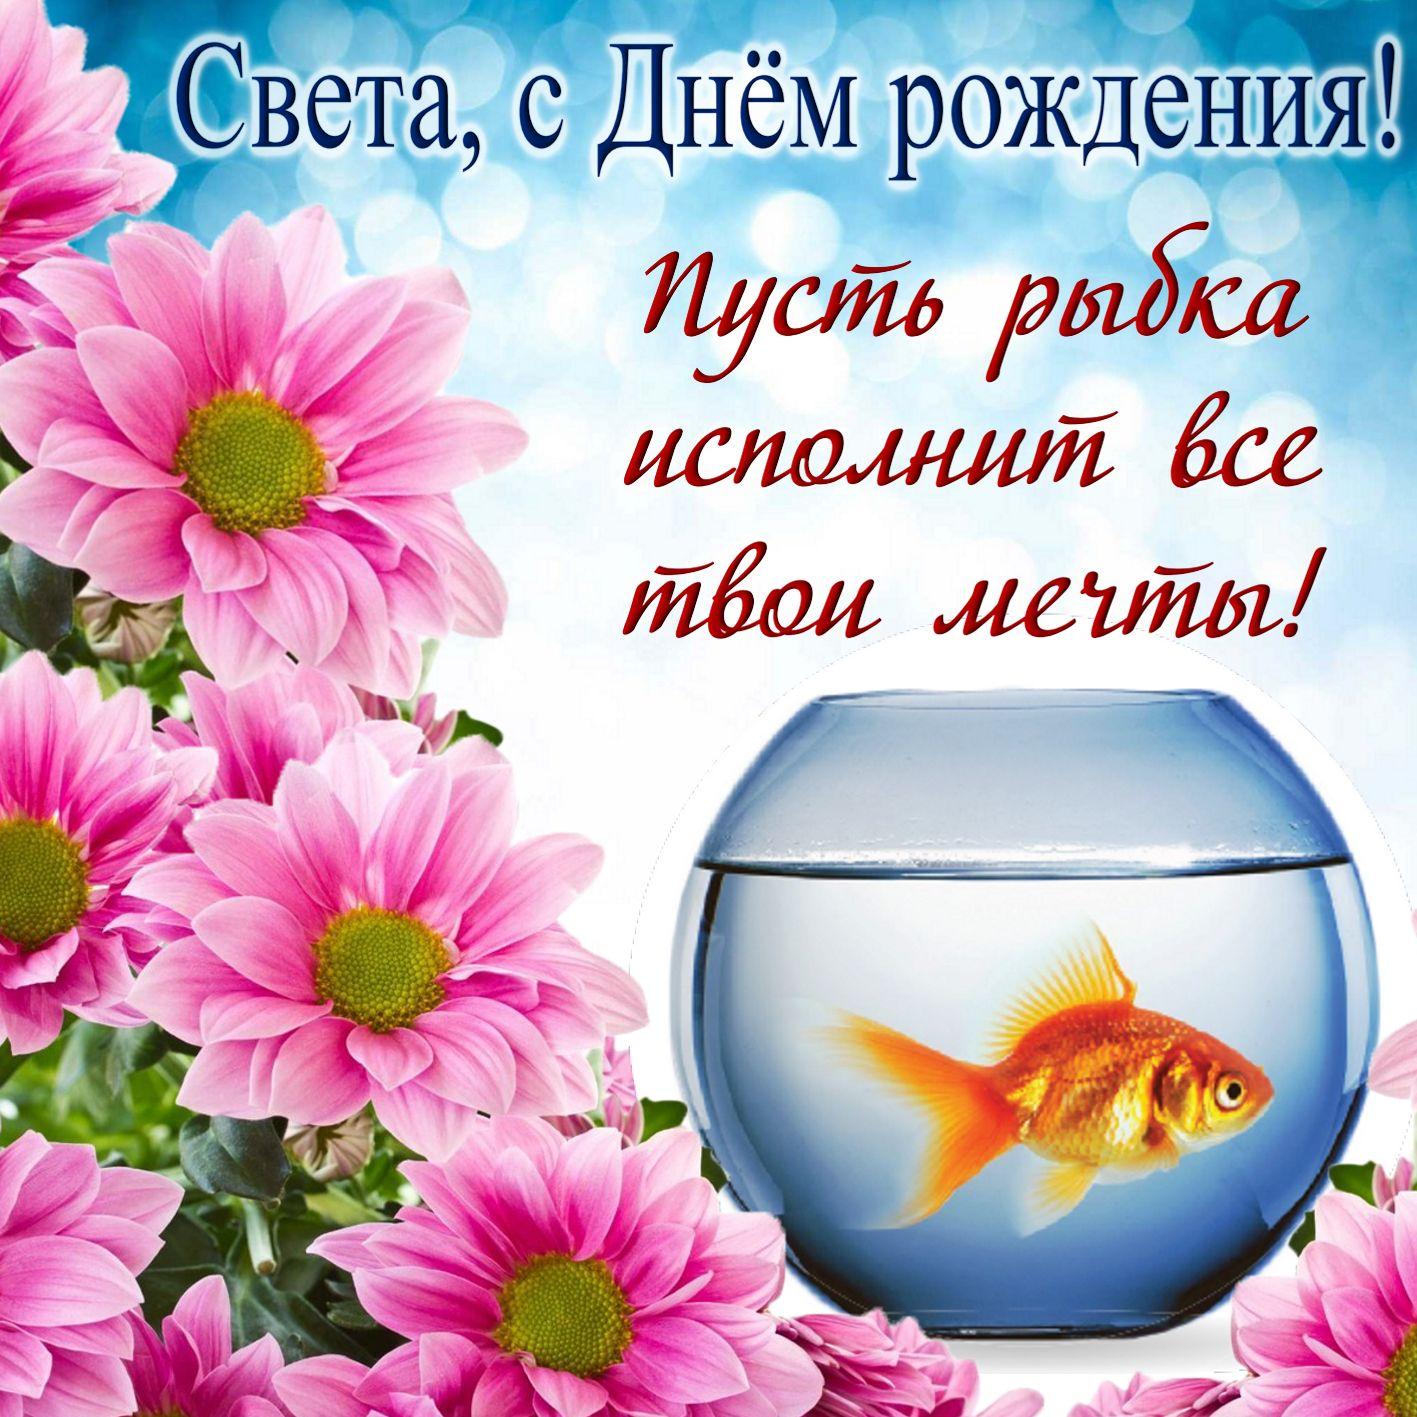 Открытка Светлане на День рождения - пусть золотая рыбка исполнит все мечты